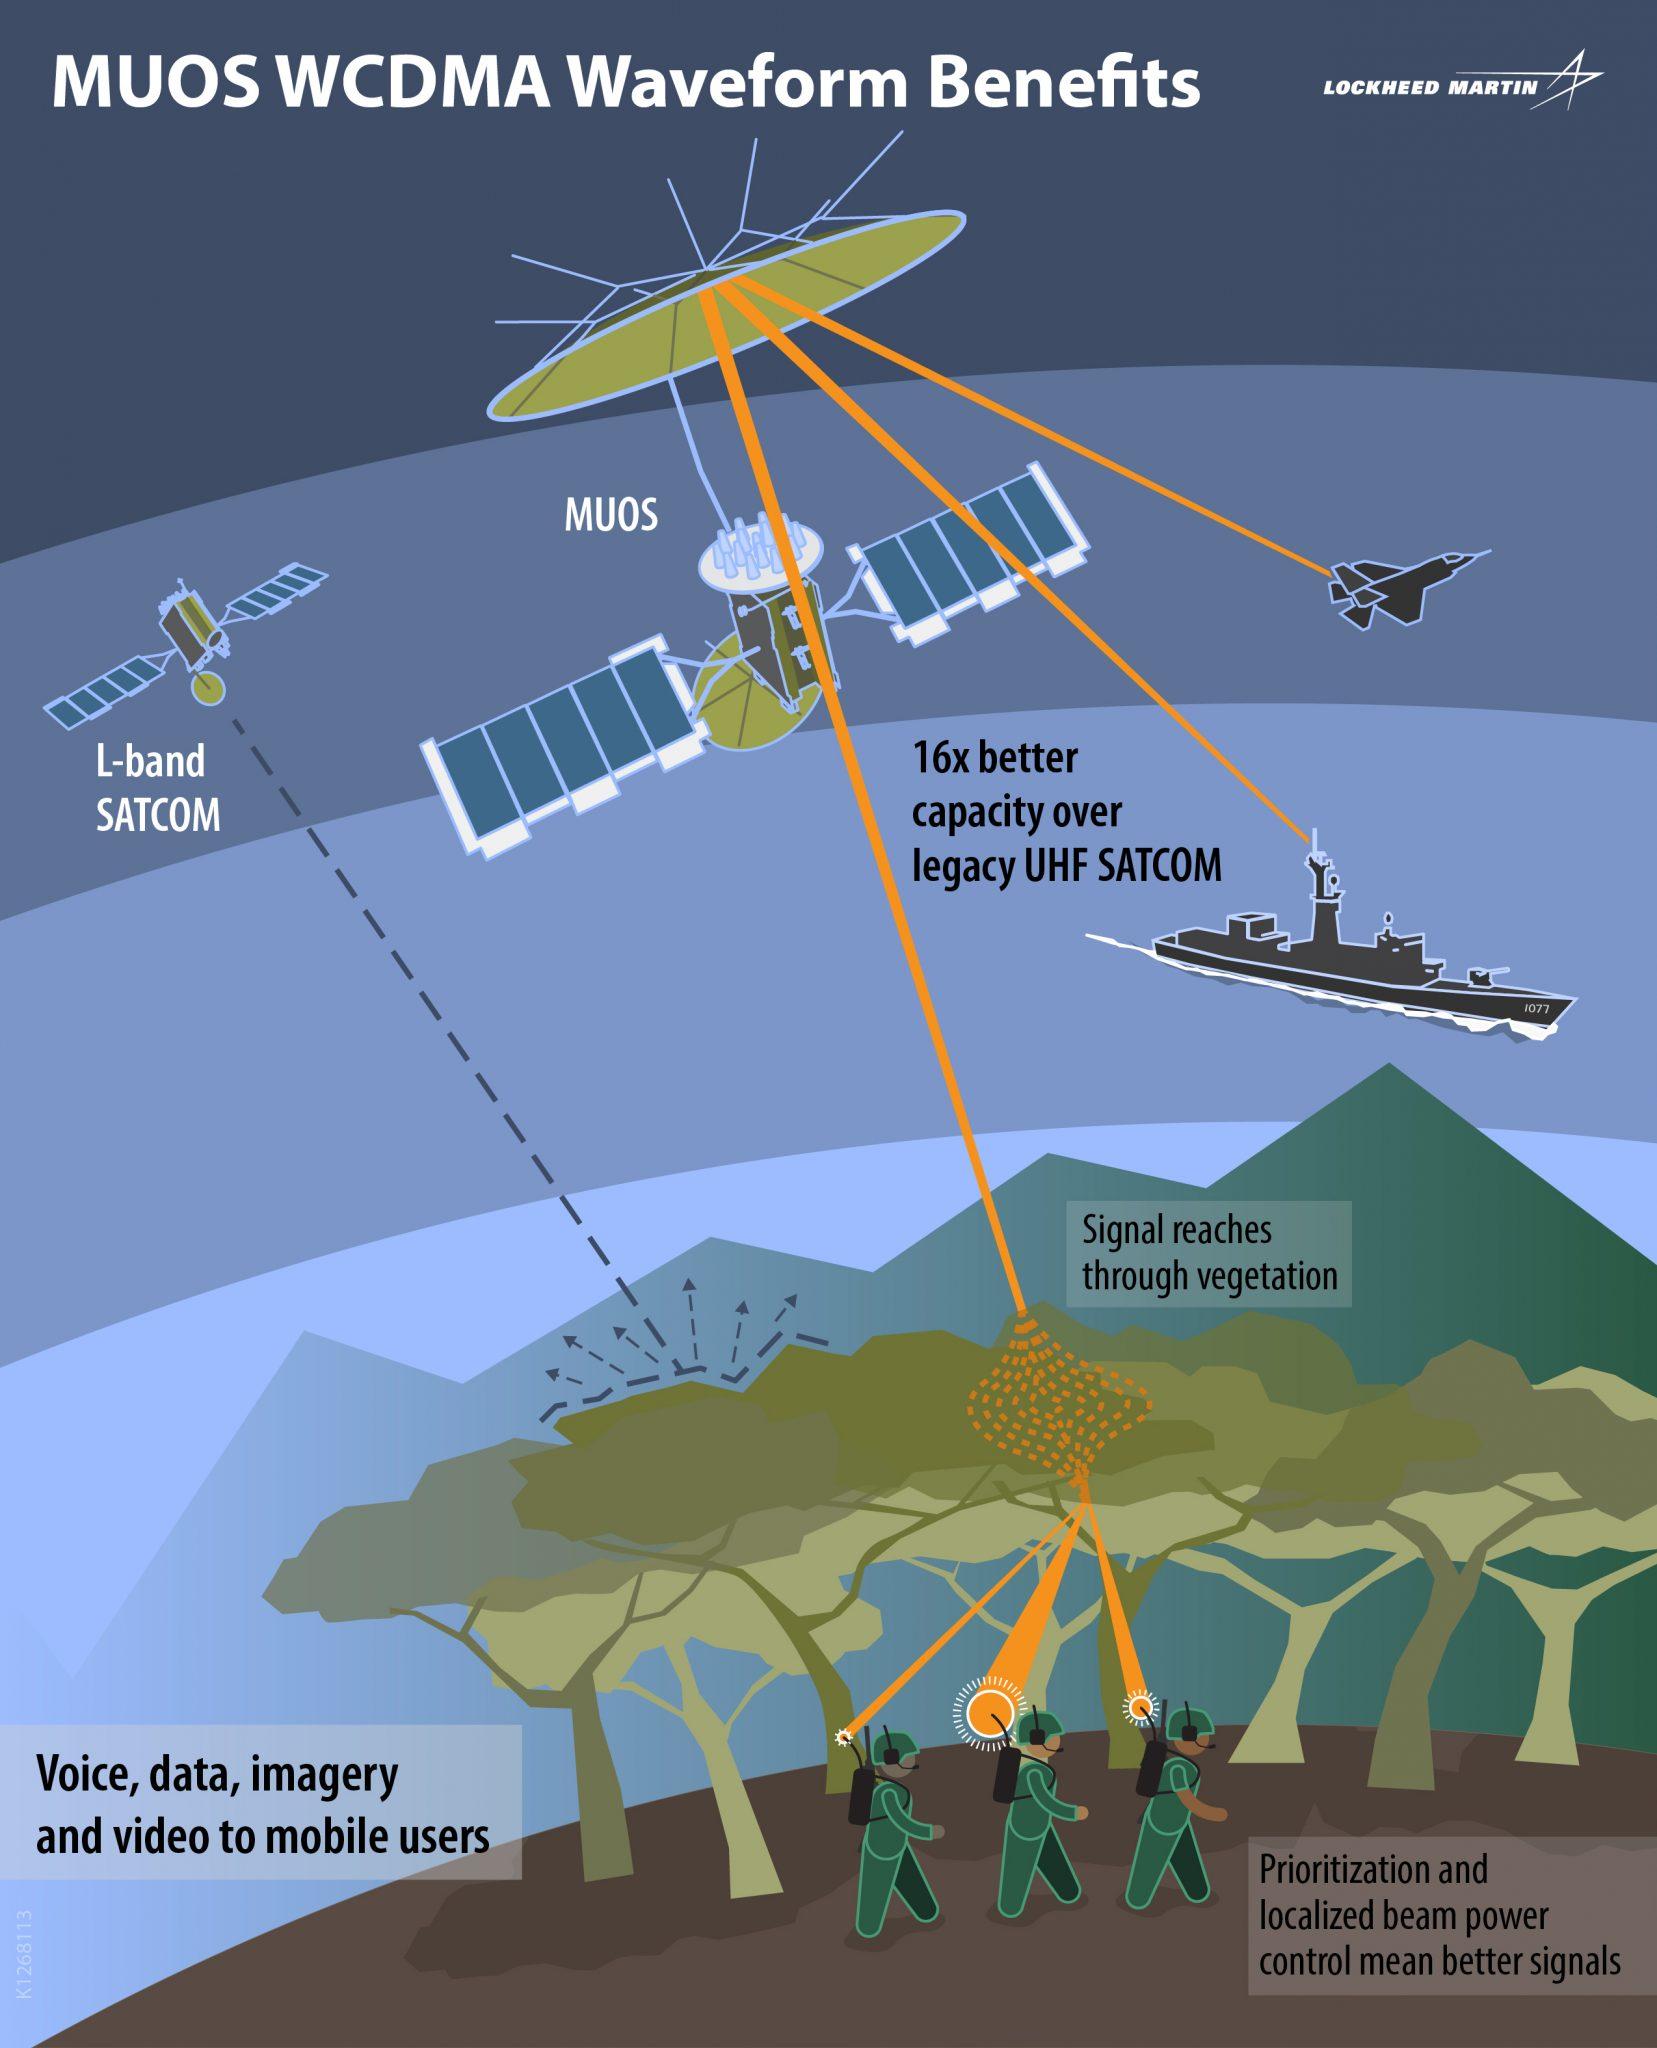 Lockheed Martin scheme for MUOS